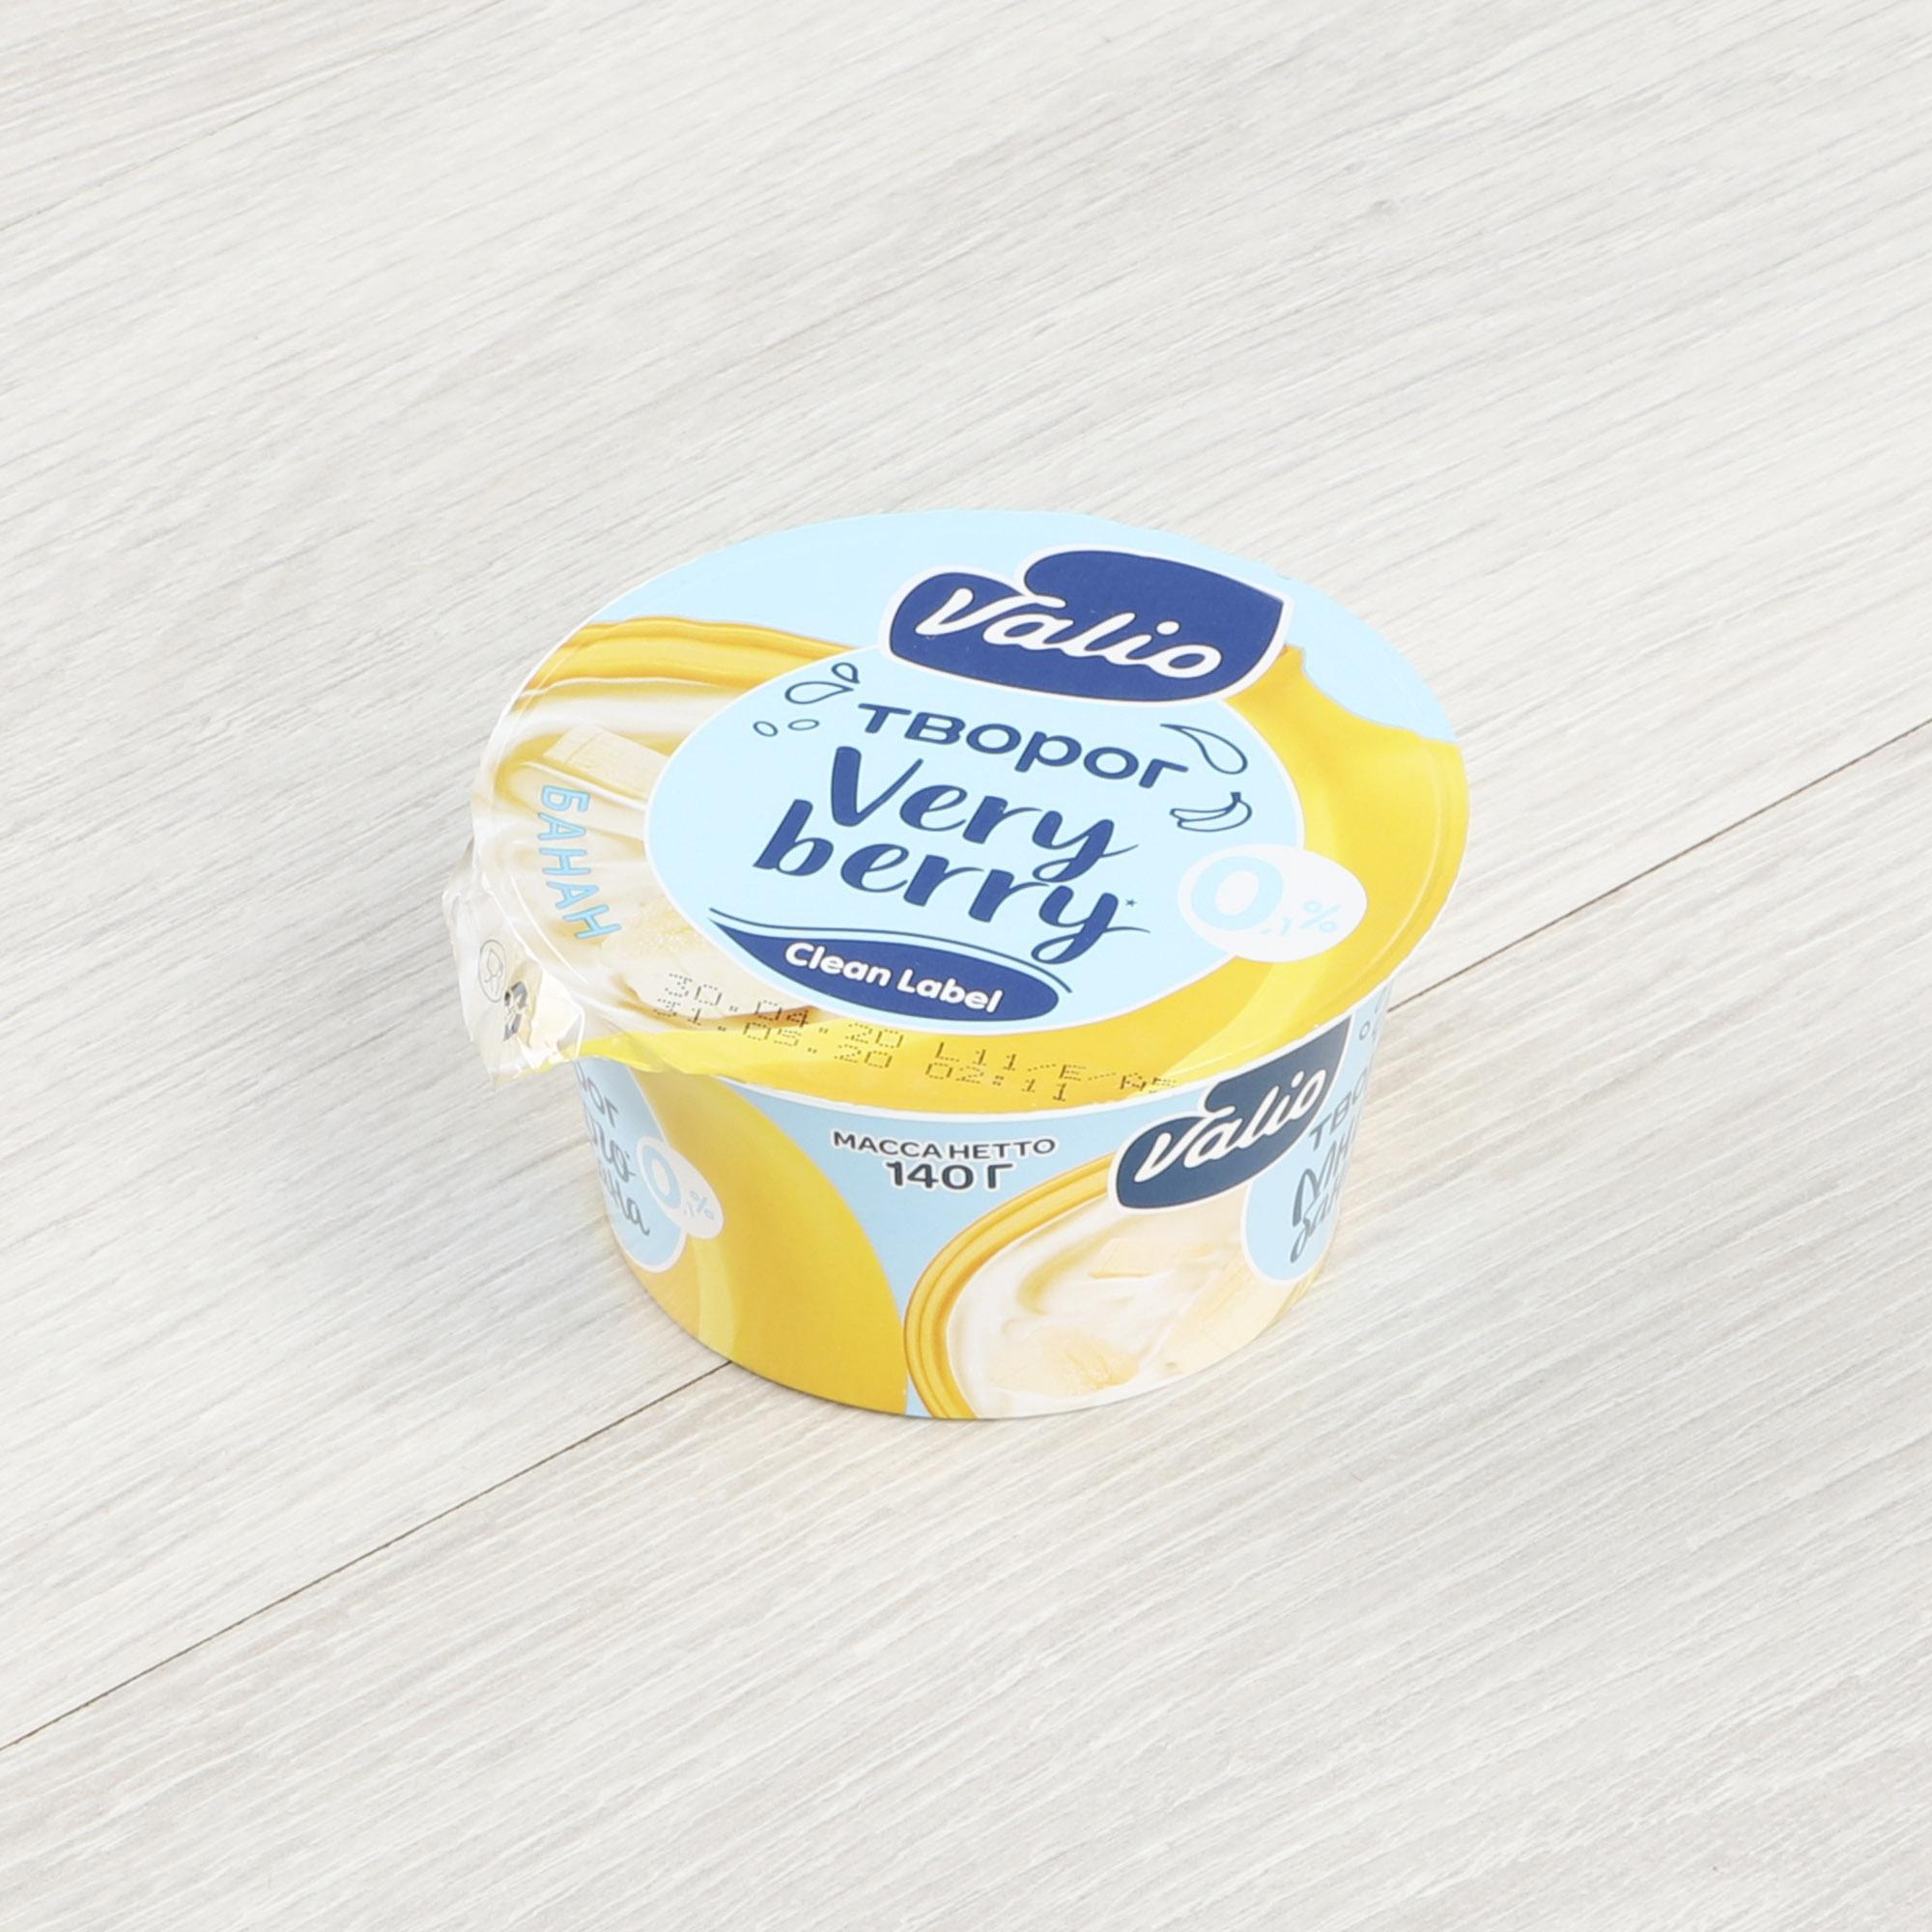 Фото - Творог Valio Банан 0,1% 140 г йогурт valio clean label малибу